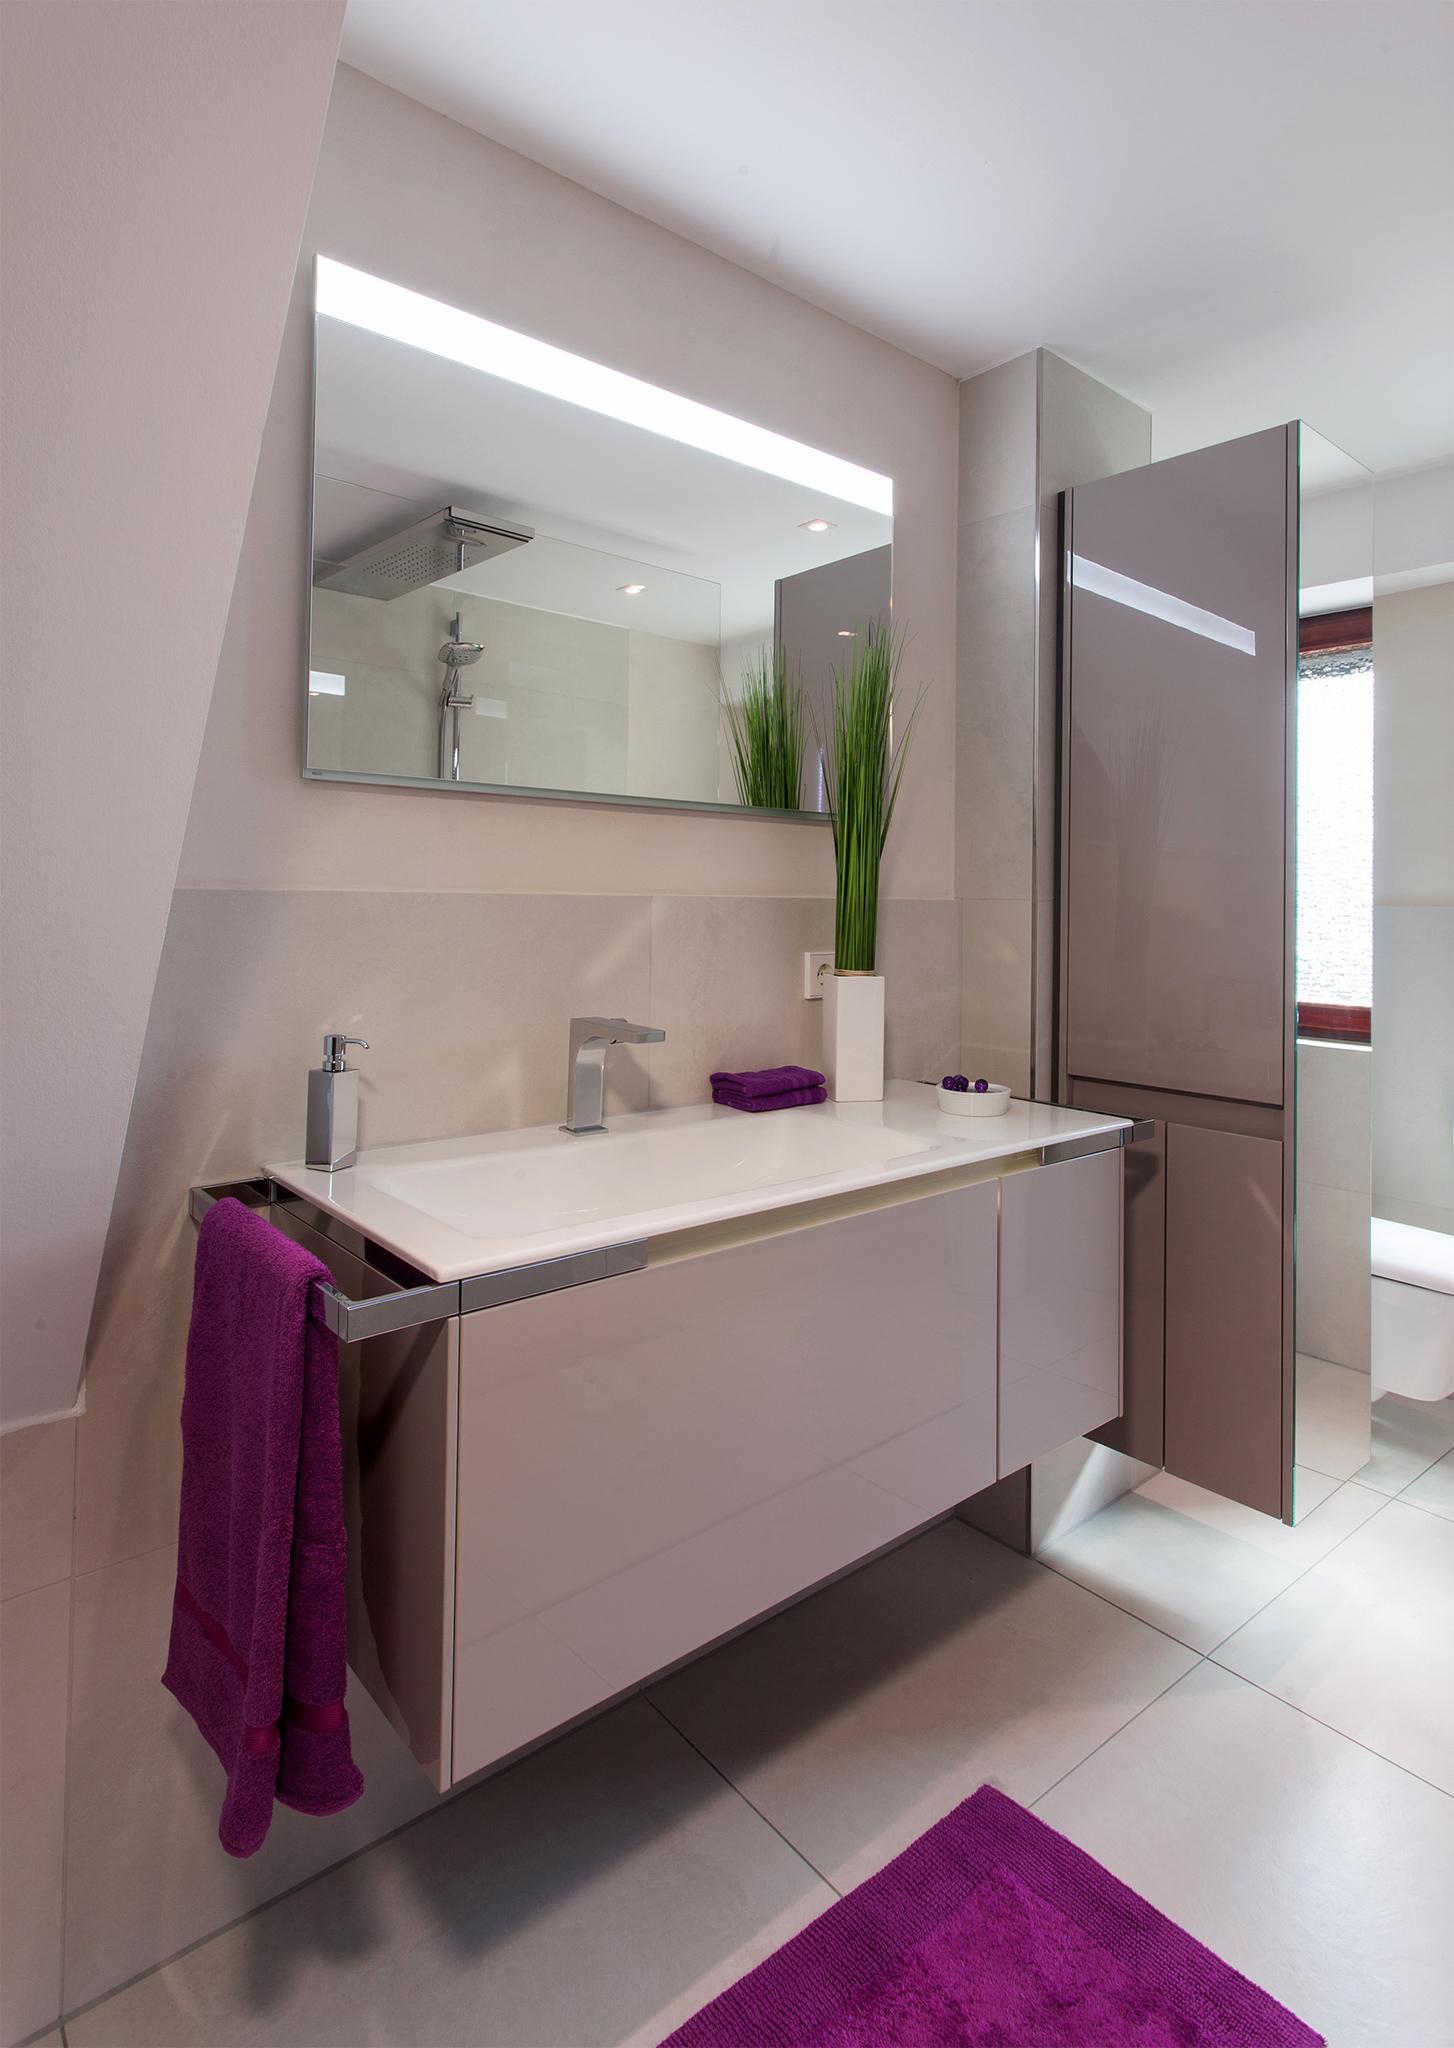 Großflächig badezimmer offenedusche raumteiler ©H...